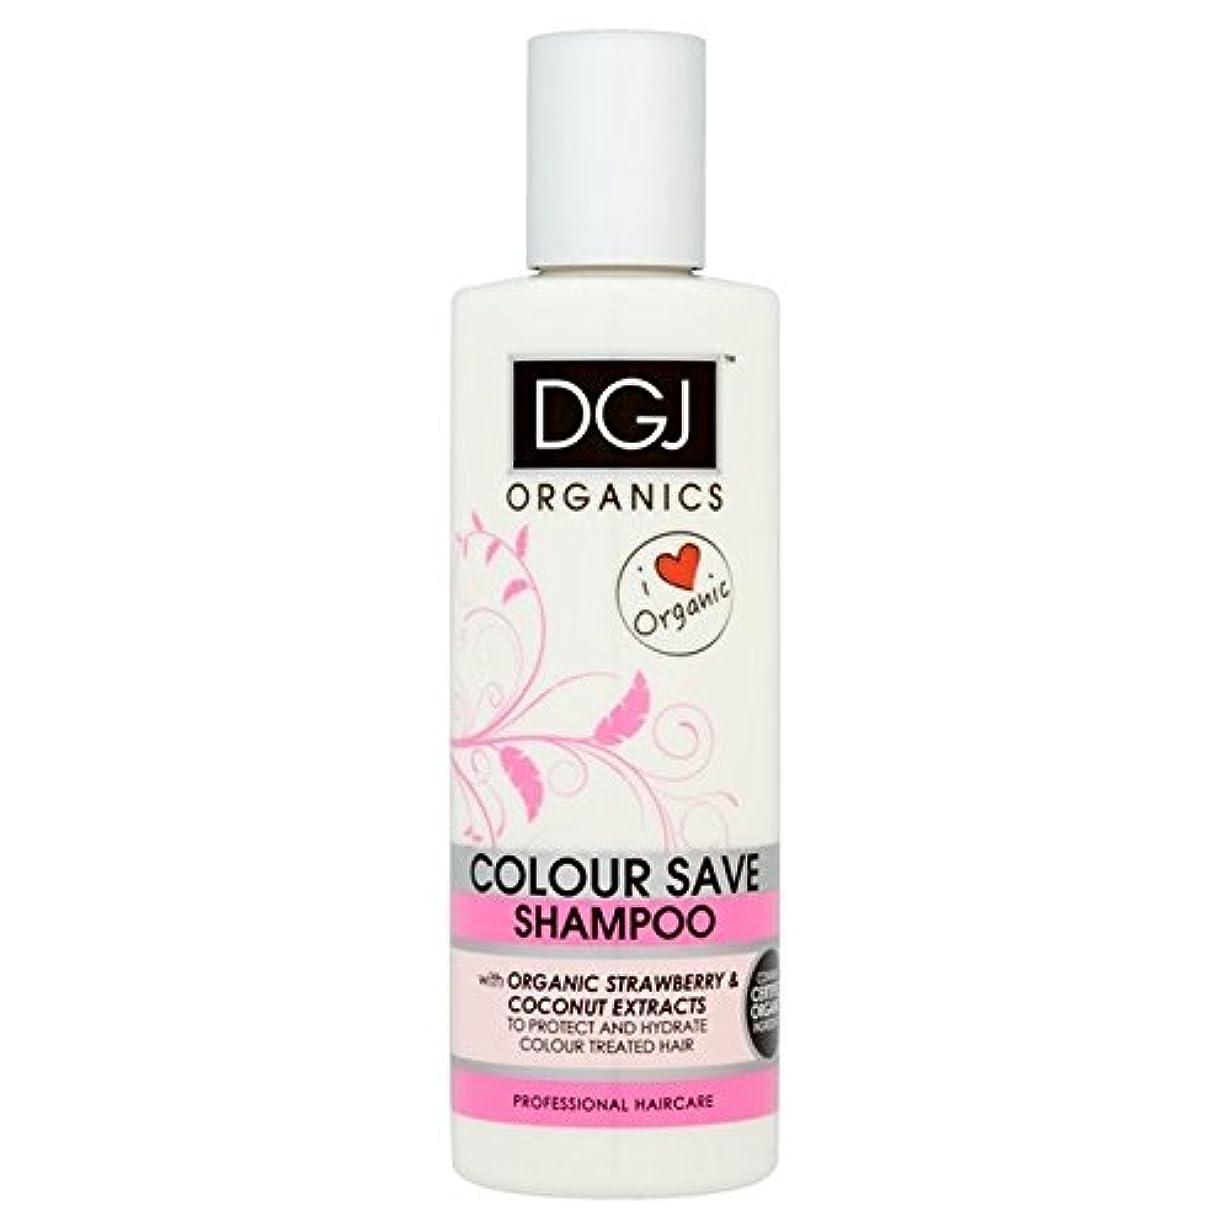 魂仮説空中有機物の色シャンプー250ミリリットルを保存 x2 - DGJ Organics Colour Save Shampoo 250ml (Pack of 2) [並行輸入品]